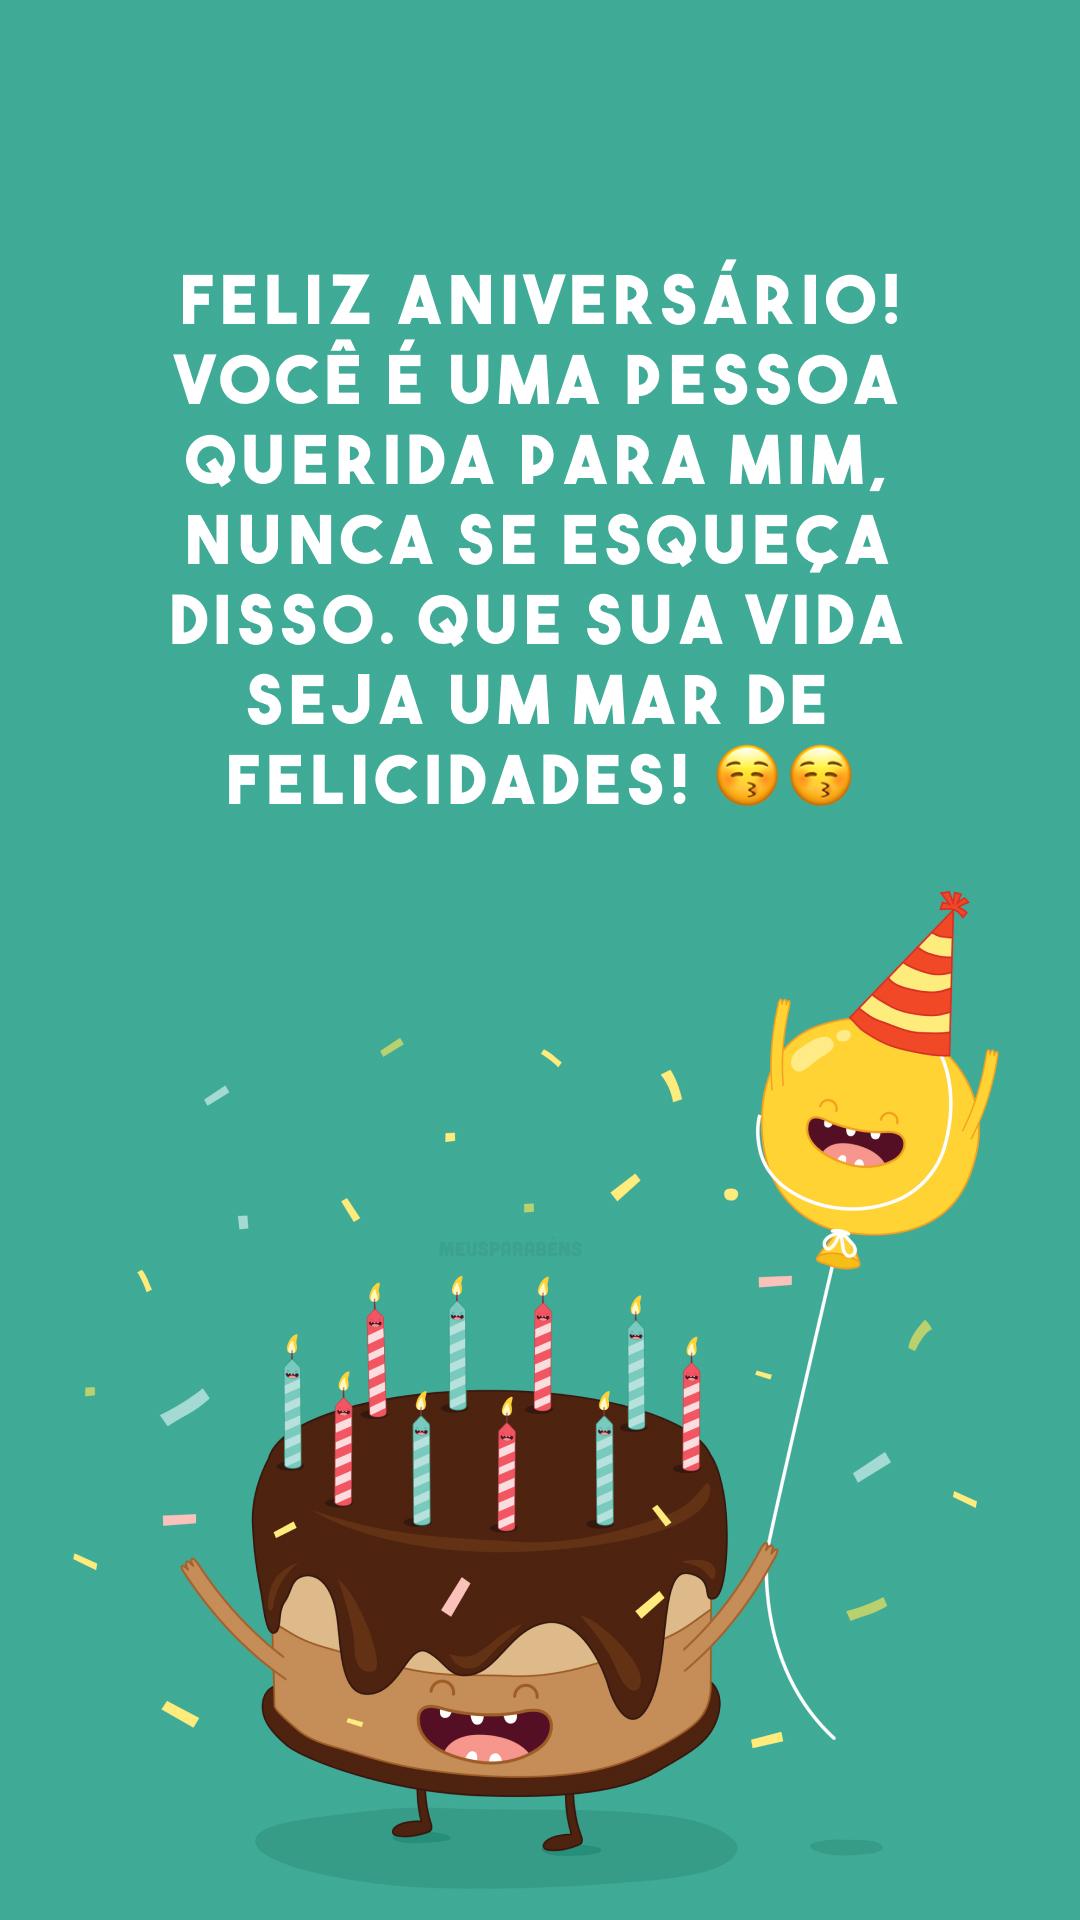 Feliz aniversário! Você é uma pessoa querida para mim, nunca se esqueça disso. Que sua vida seja um mar de felicidades! 😚😚